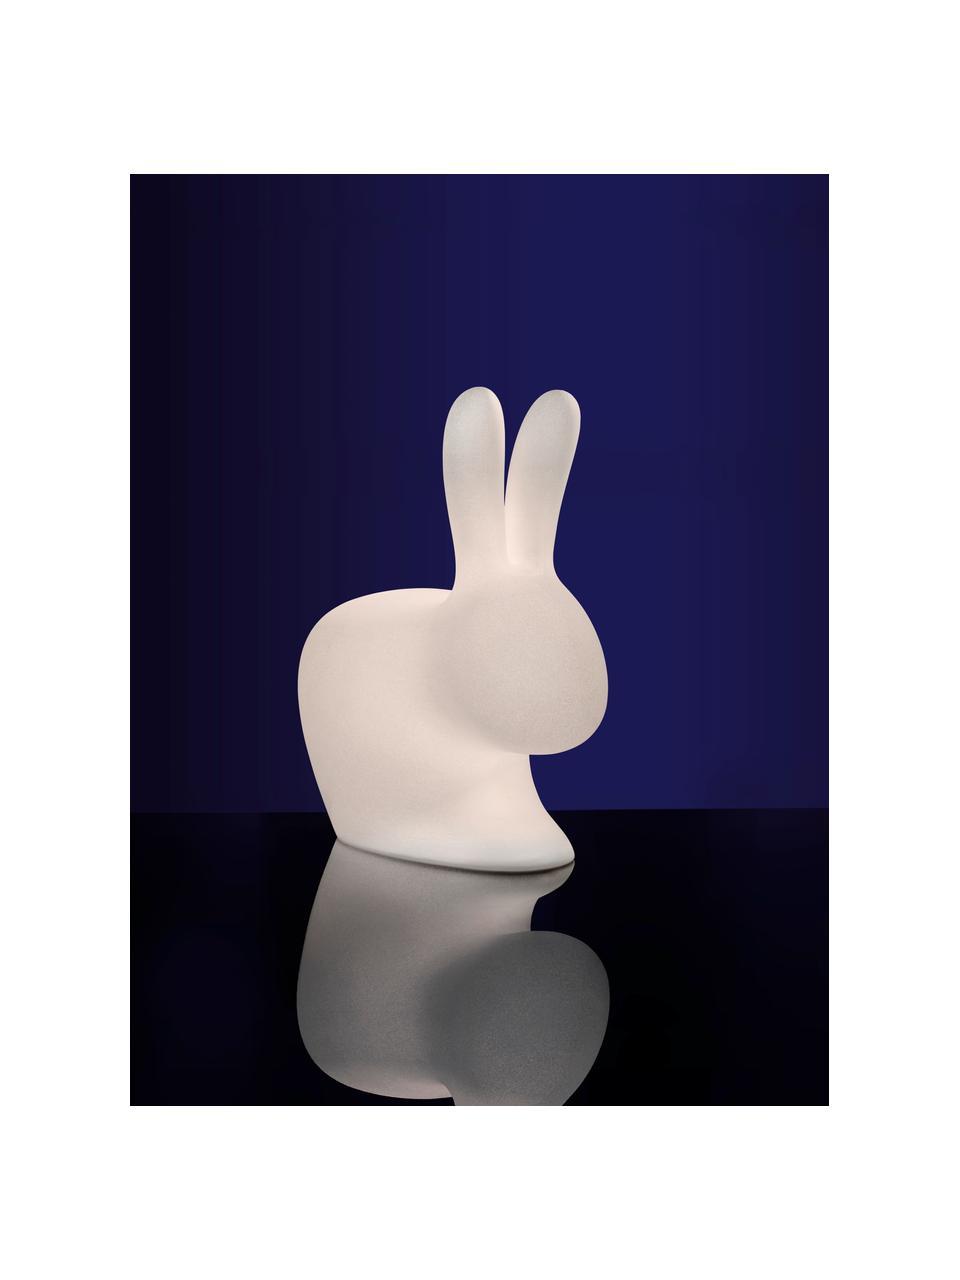 Bodenleuchte Rabbit, Kunststoff (Polyethylen), Weiß, 46 x 53 cm